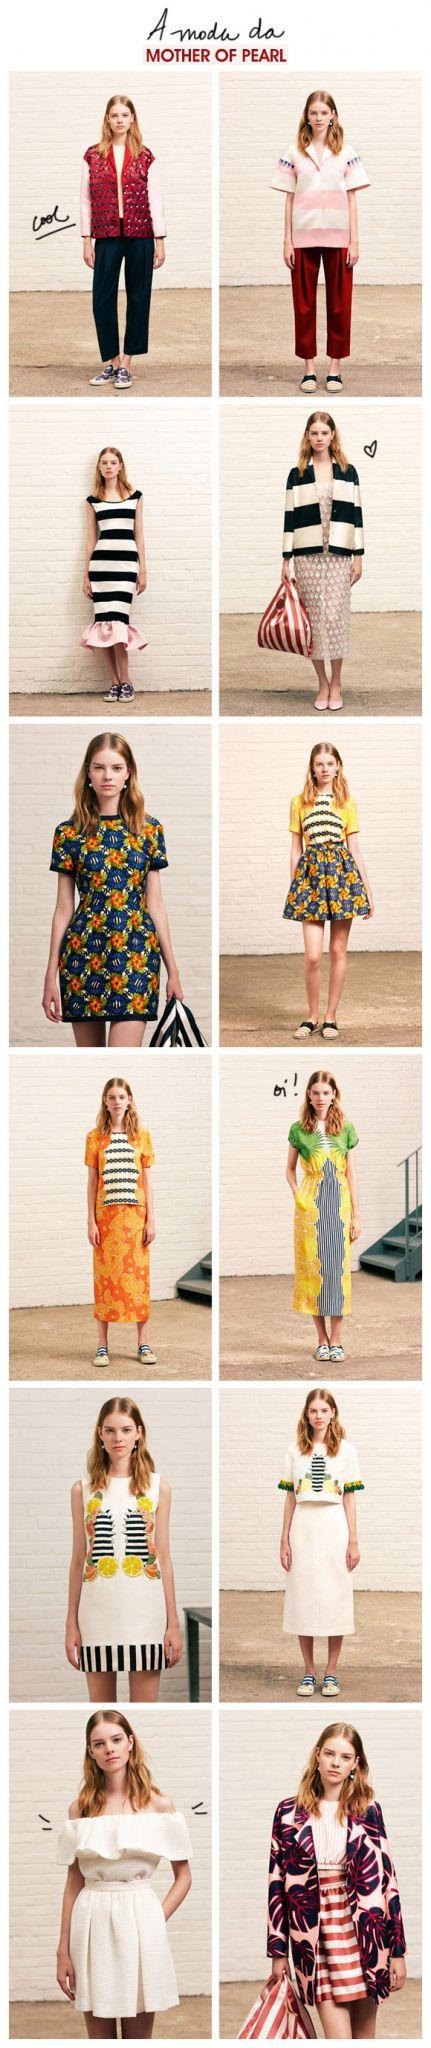 Achados da Bia | Moda | Design | Mother Of Pearl